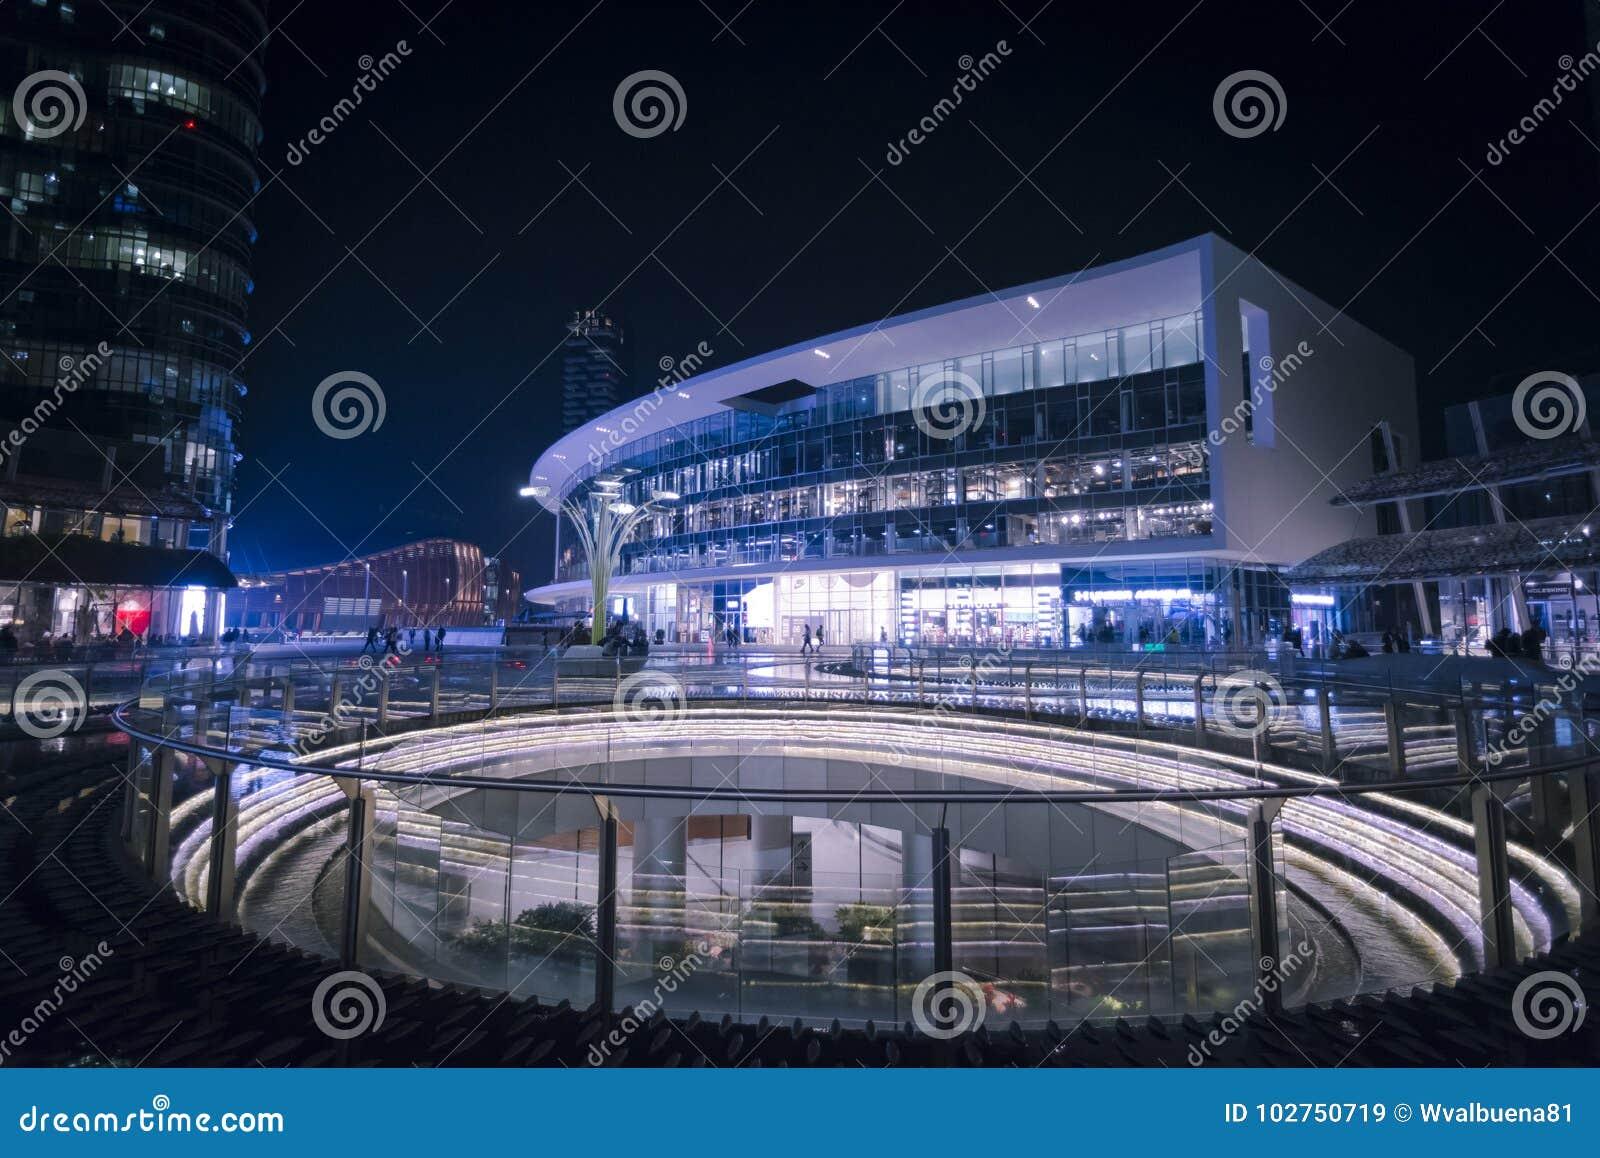 Scena della piazza Gael Aulenti - di Milan Night